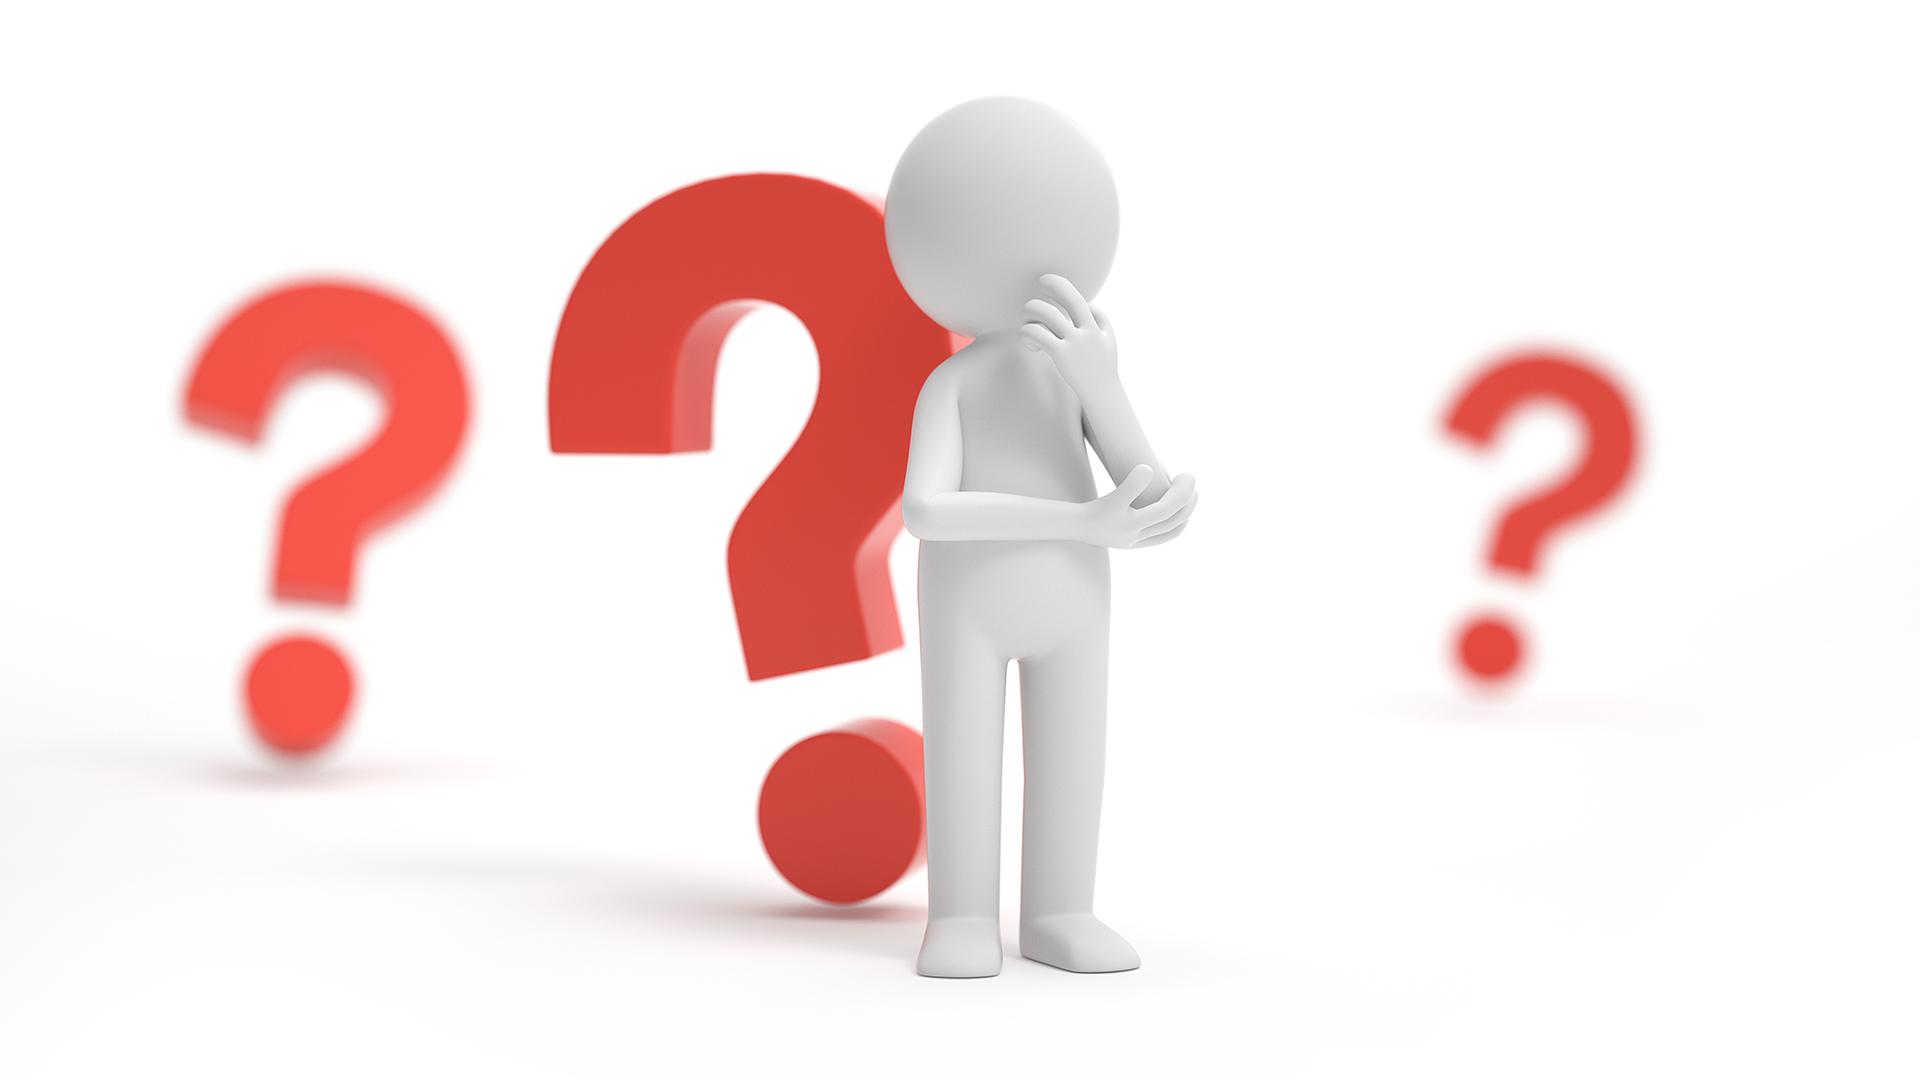 ランサーズの始め方に関するよくある質問